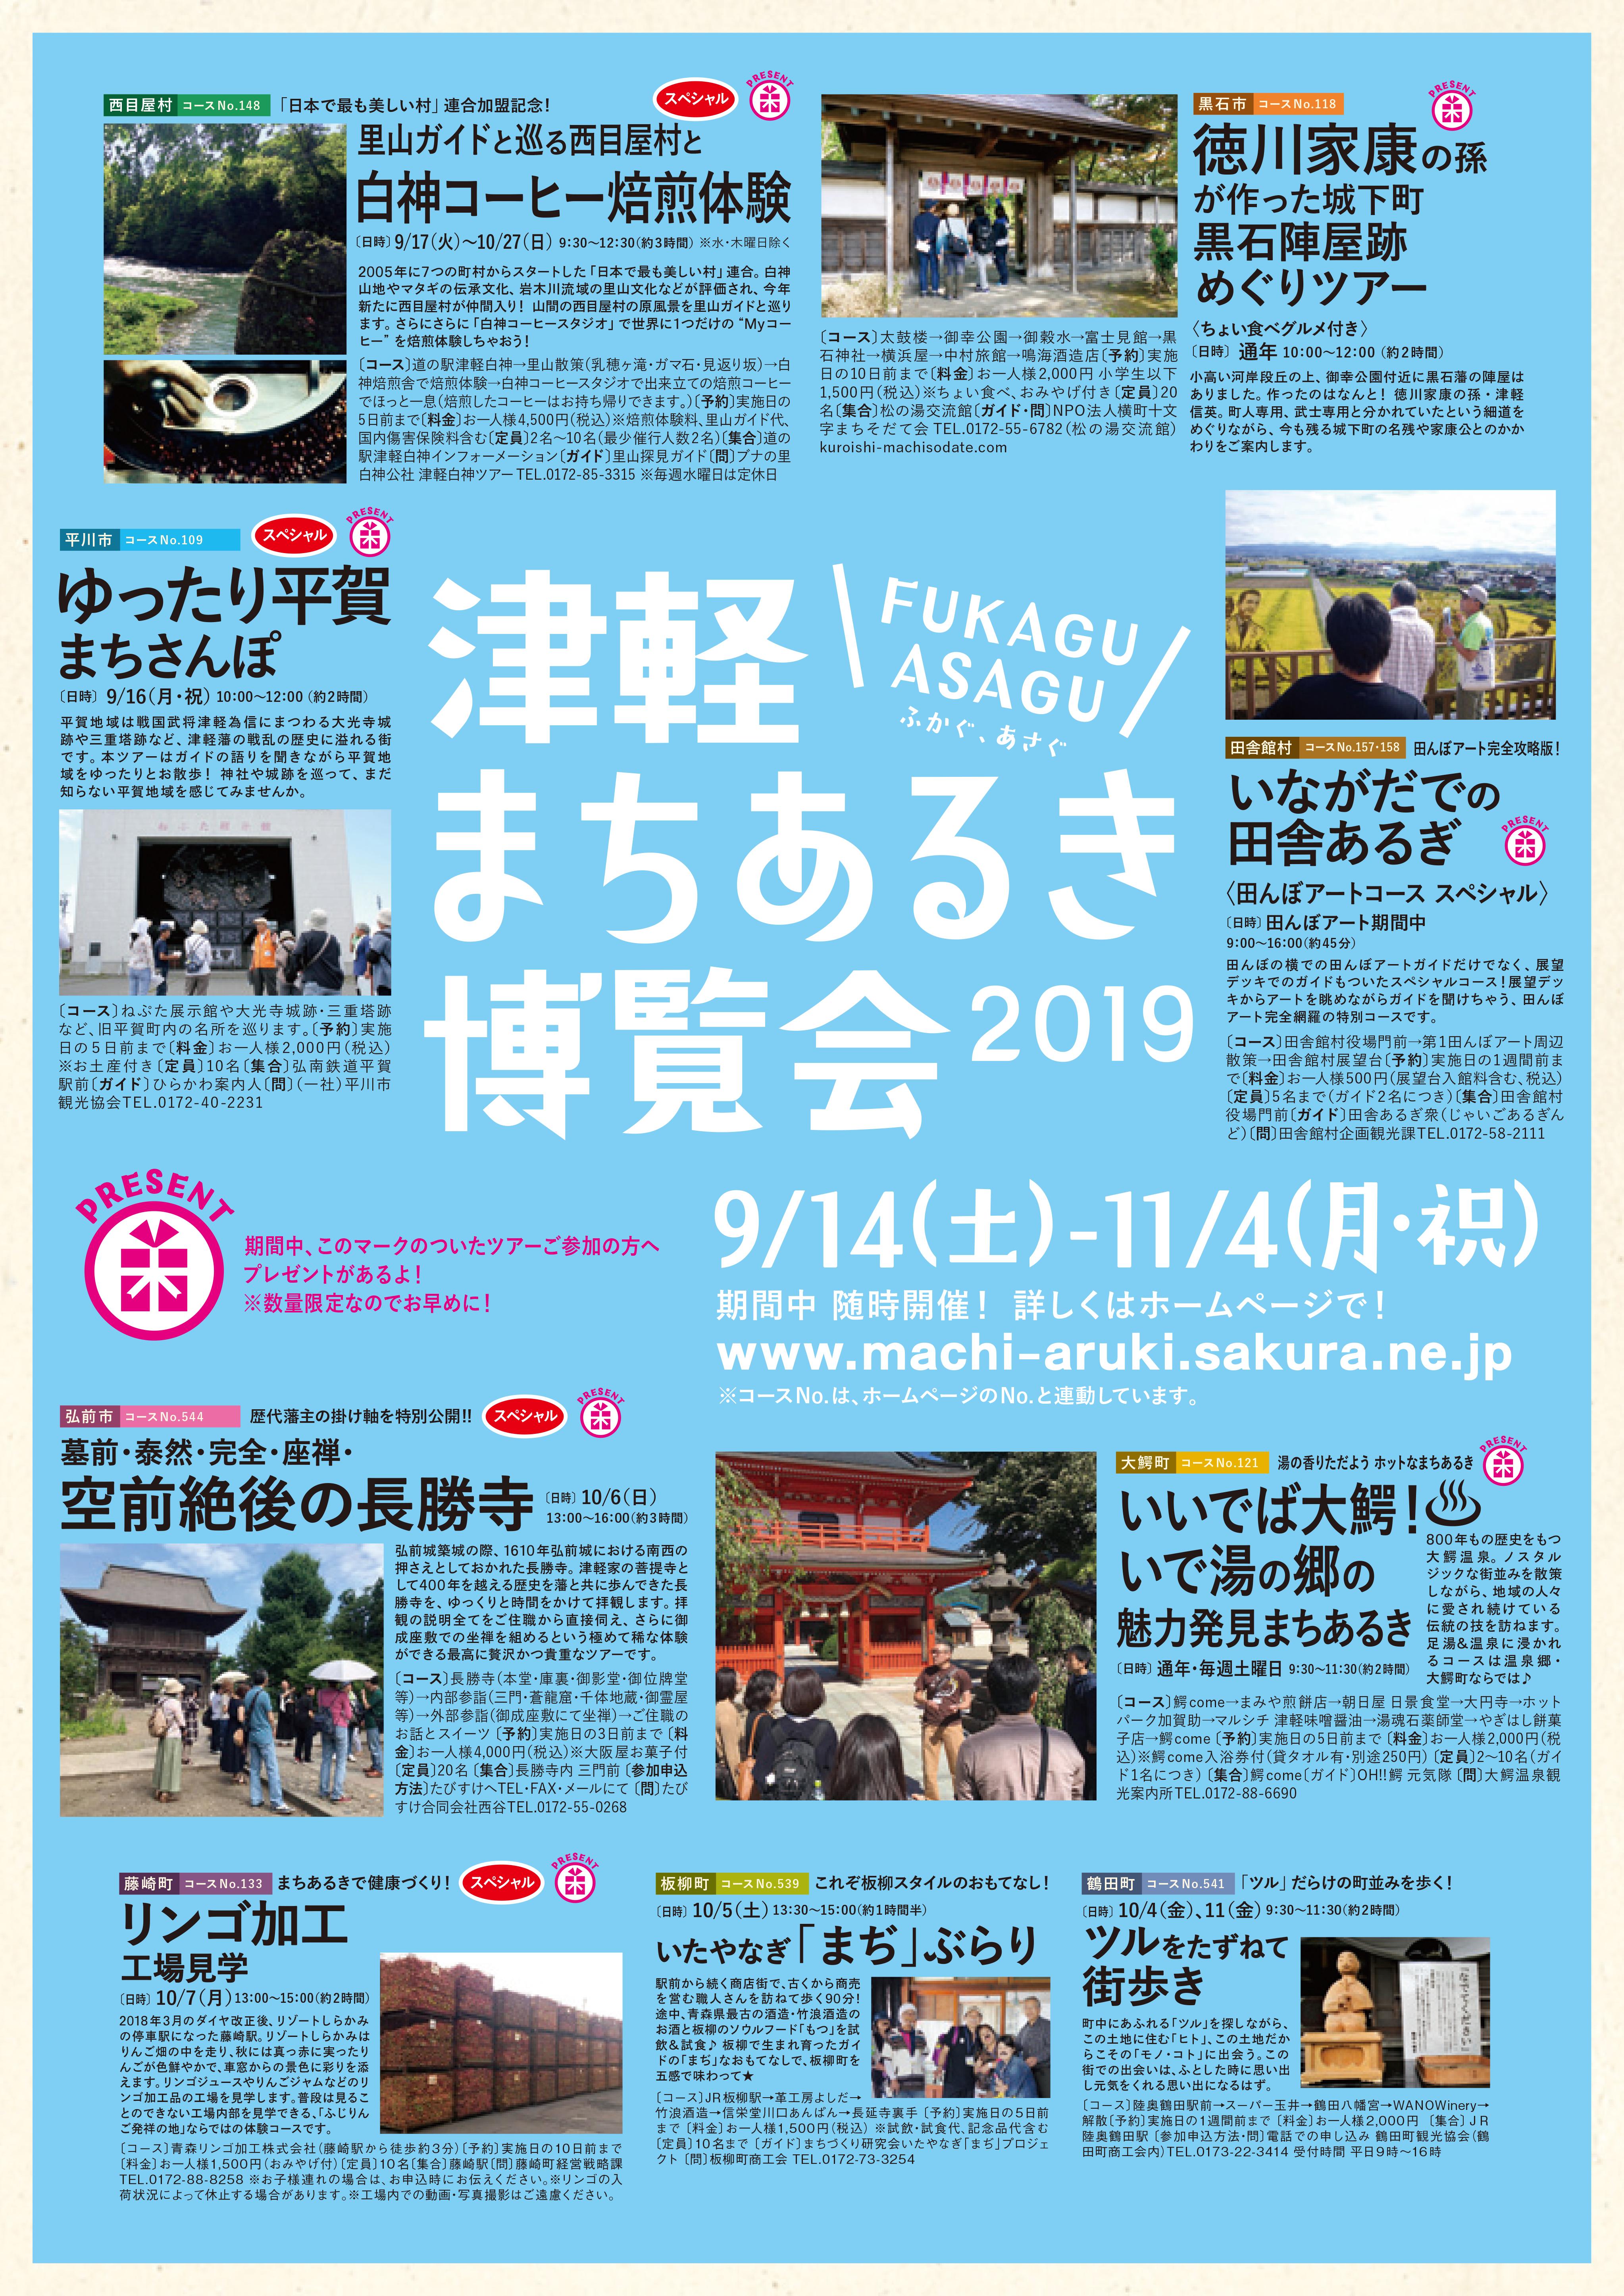 津軽まちあるき博覧会2019 9月14(土)~11月4日(月・祝)